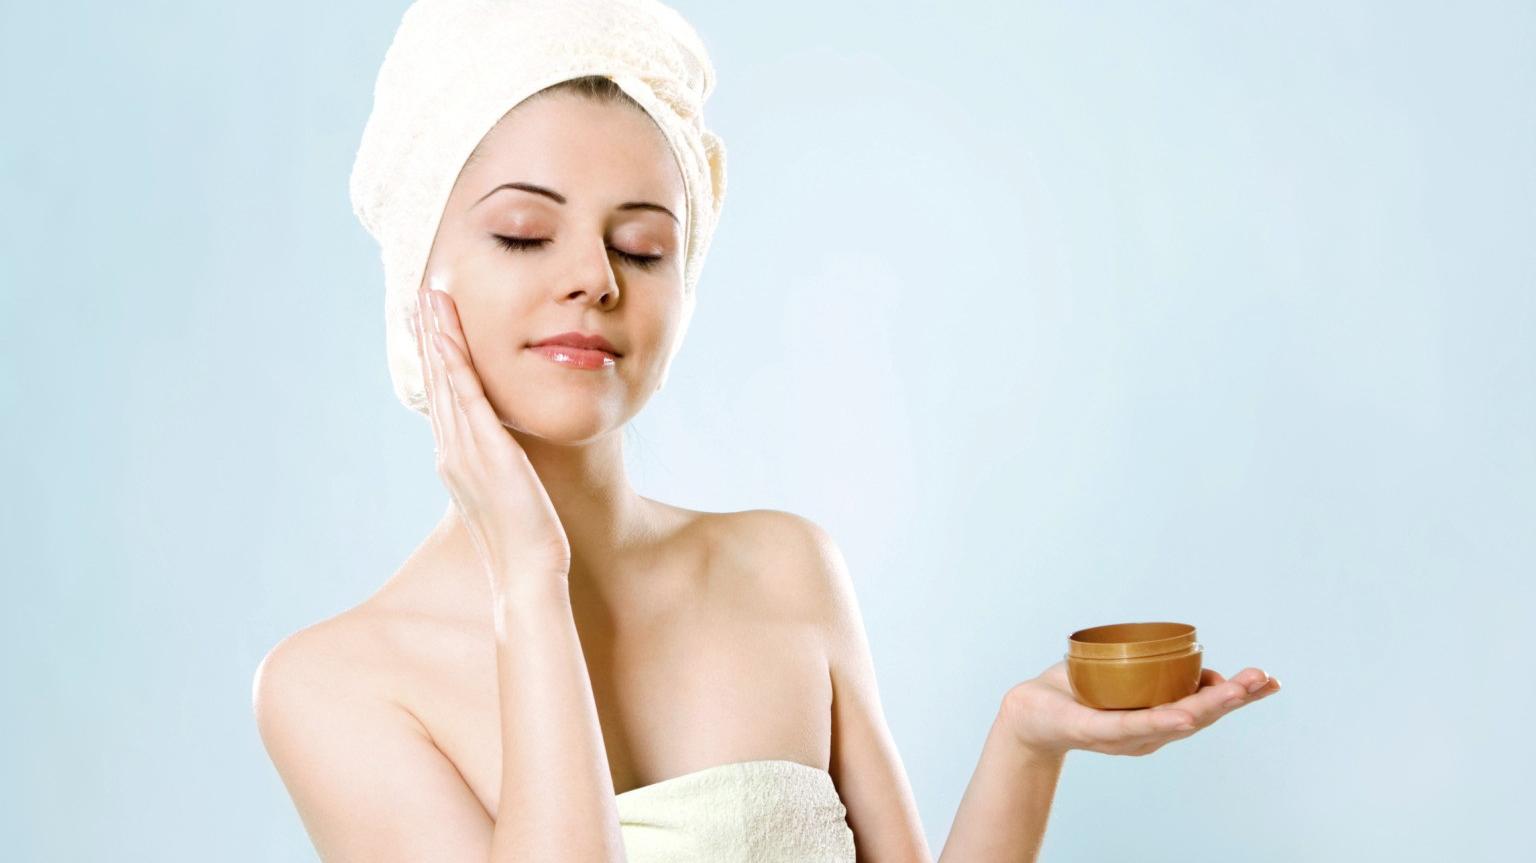 Уход за кожей лица после 30 лет, обязательные правила и этапы